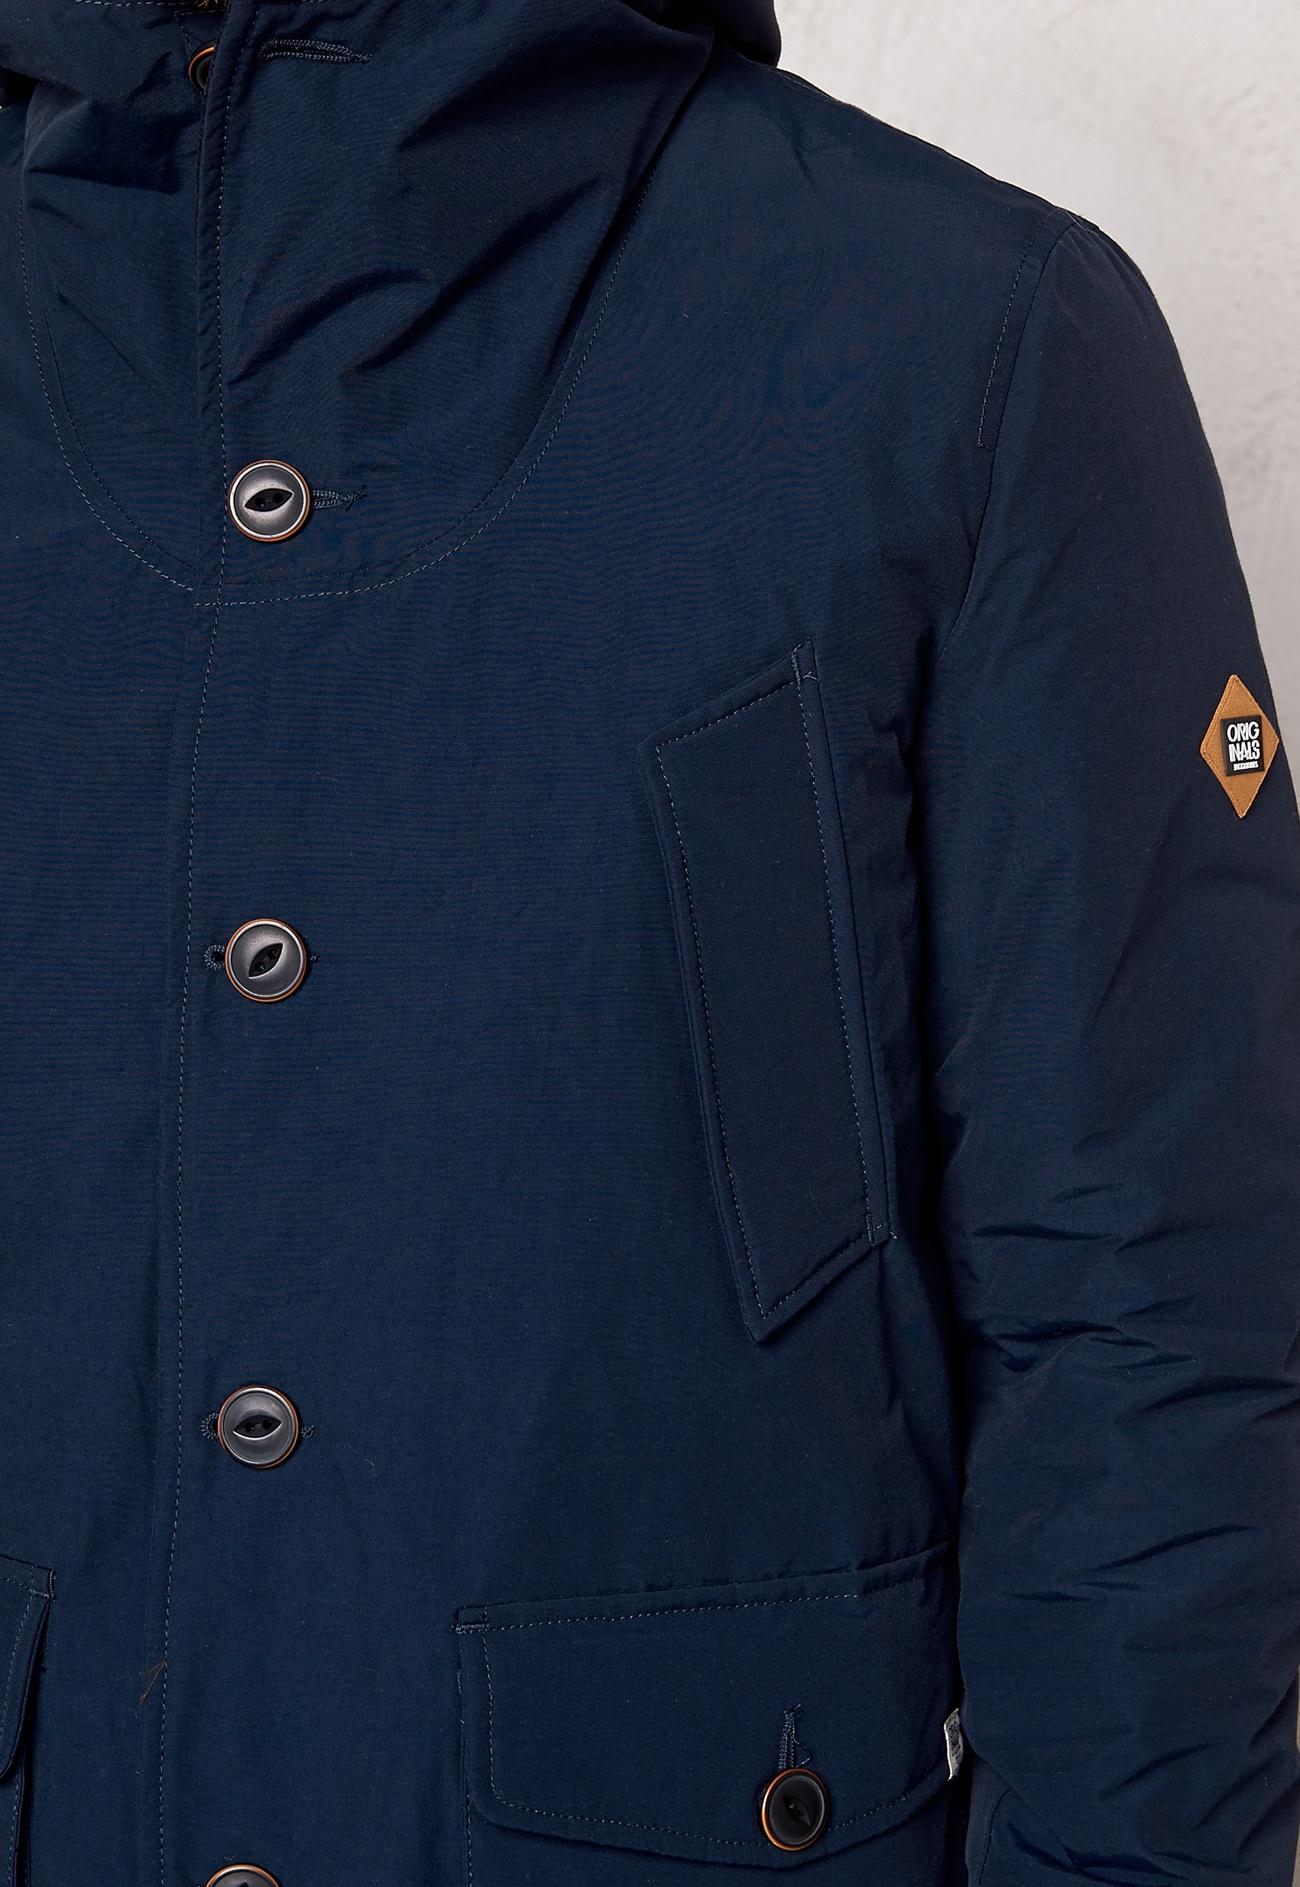 jack jones frame puffer jacket navy blazer bubbleroom. Black Bedroom Furniture Sets. Home Design Ideas